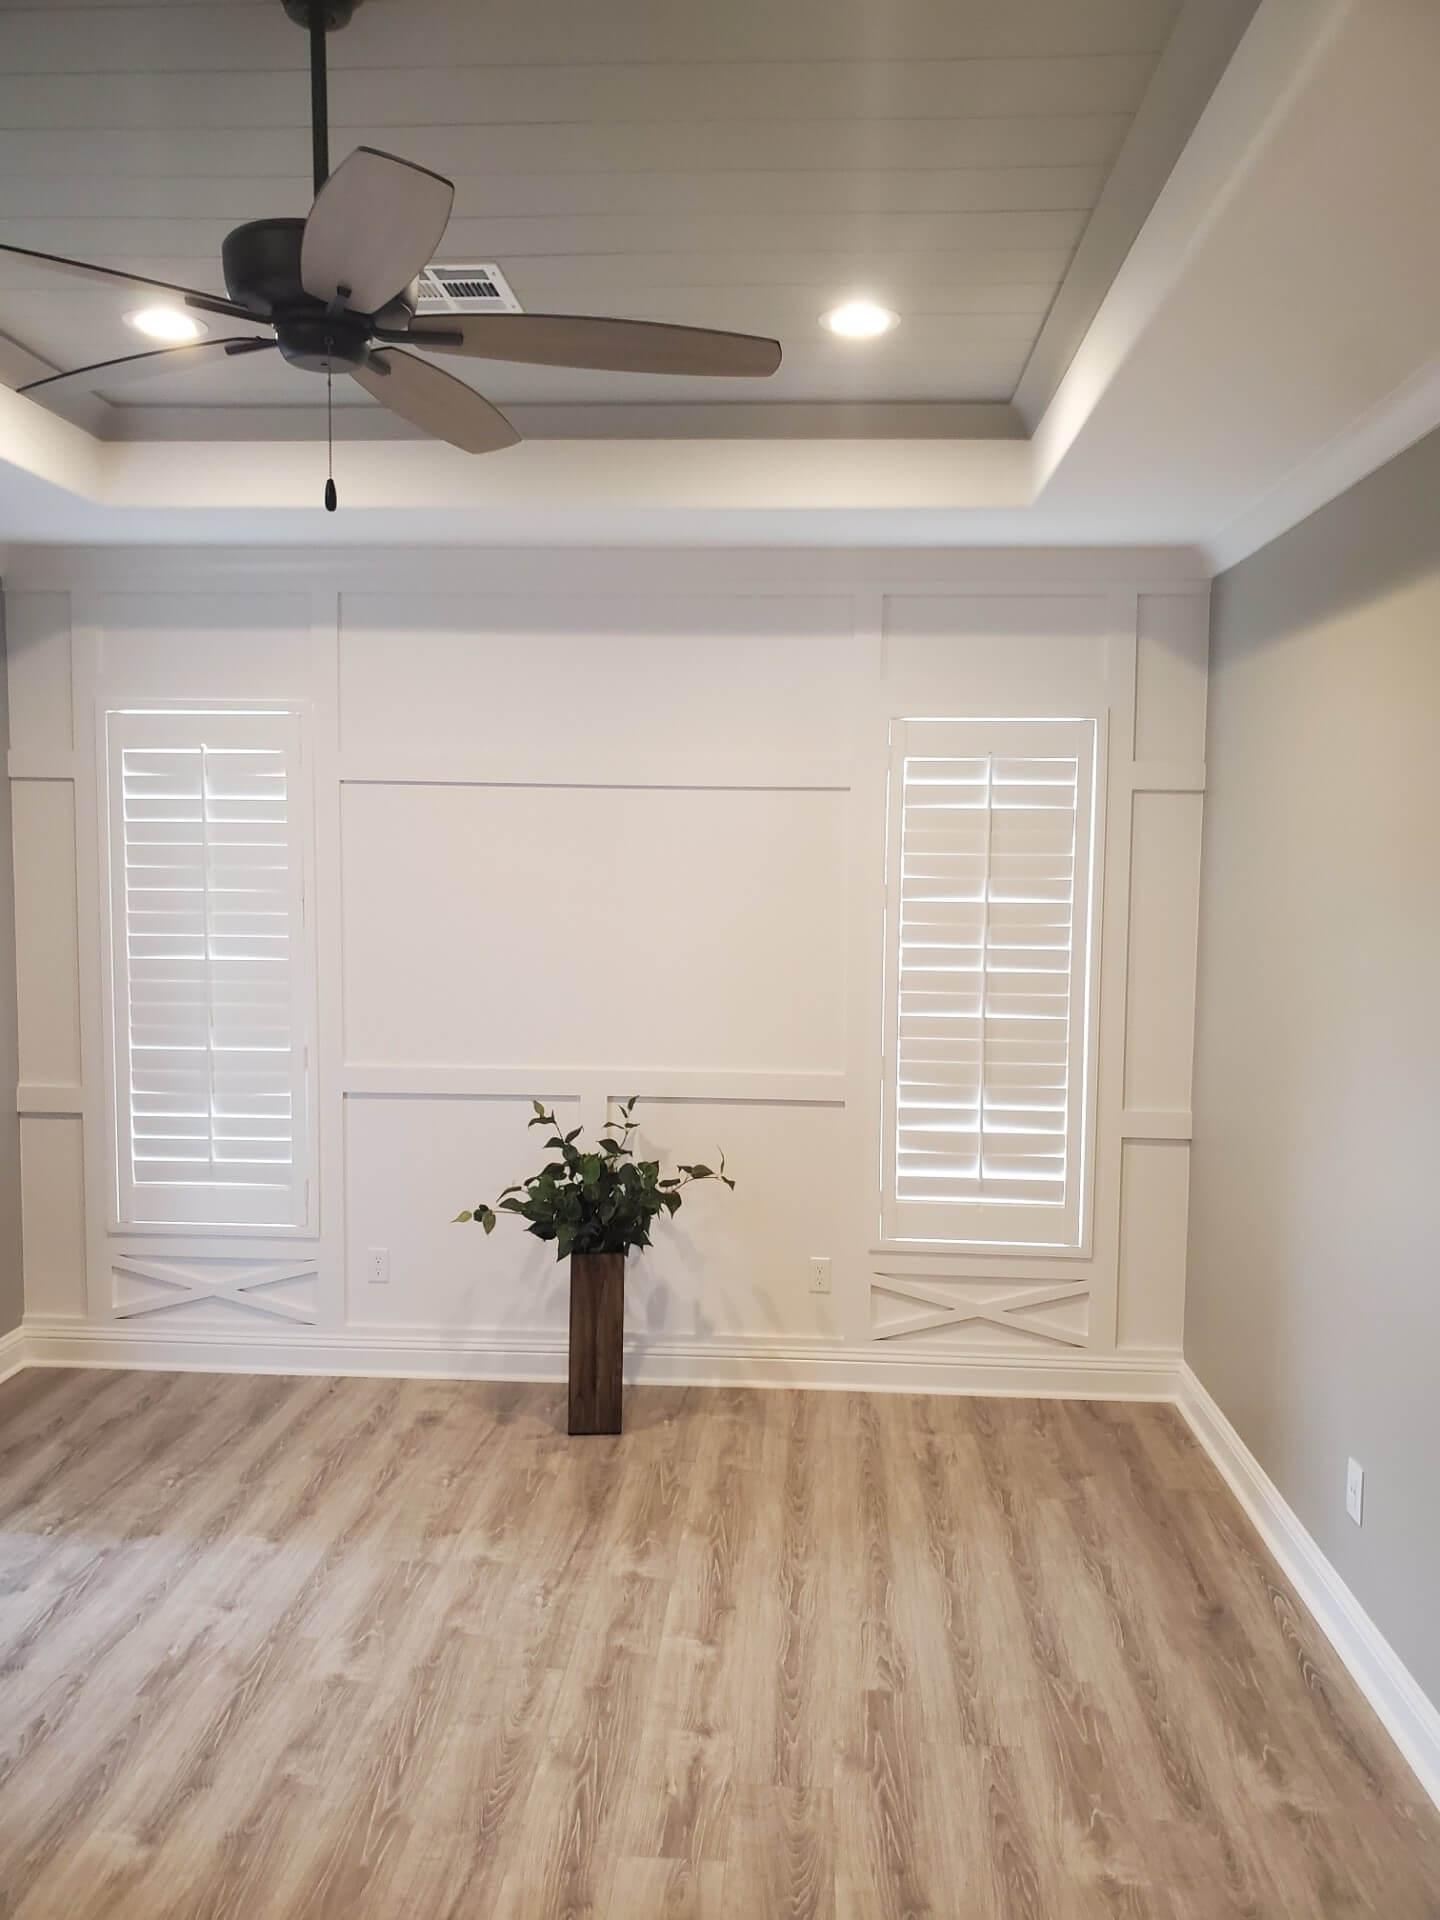 The Home Store   Erath, Abbeville & Lafayette, LA   Interior & Exterior Home Improvement